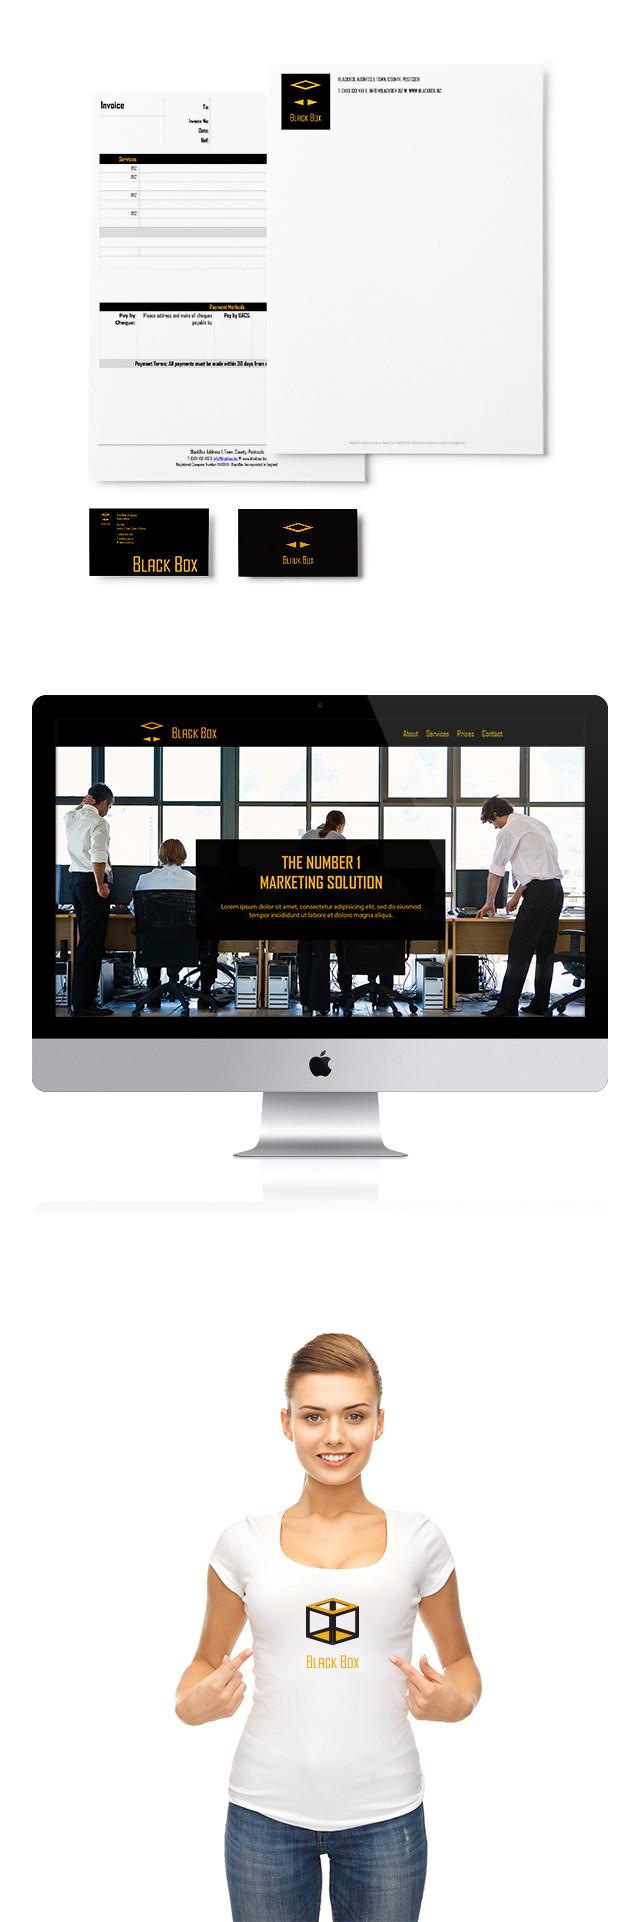 consultancy logo design